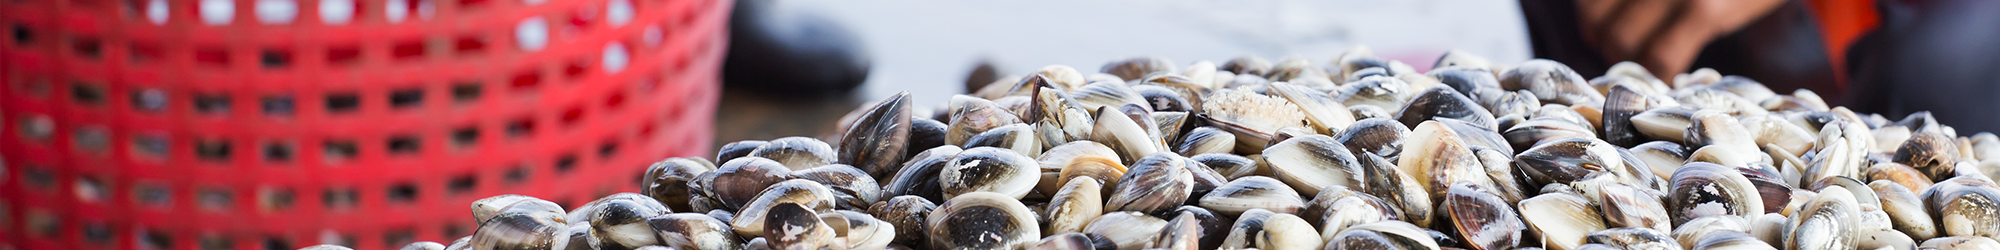 Storico provvedimenti ambiti monitoraggio molluschicoltura Veneto